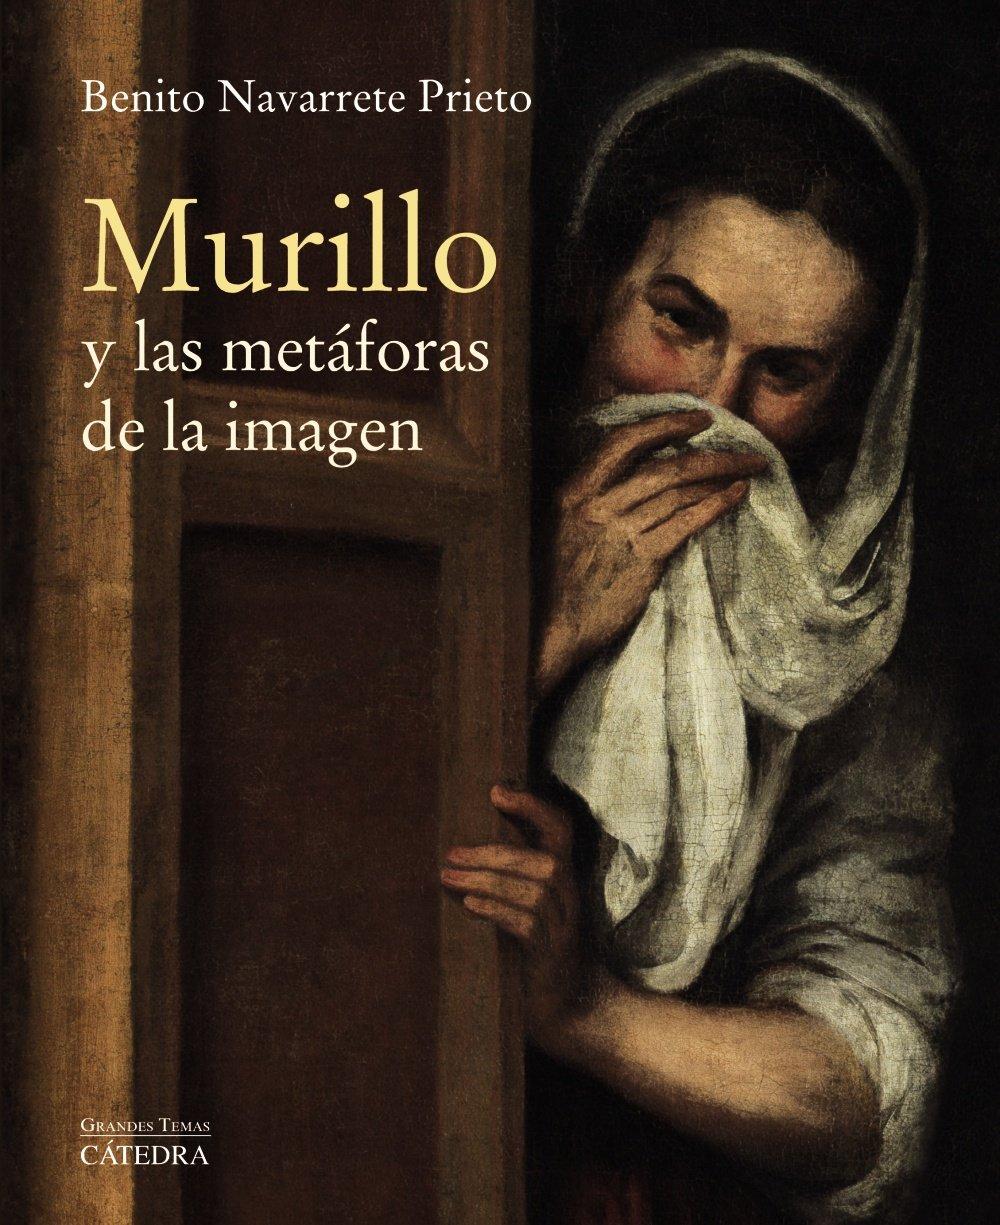 Murillo y las metáforas de la imagen Arte Grandes temas: Amazon.es: Navarrete Prieto, Benito: Libros